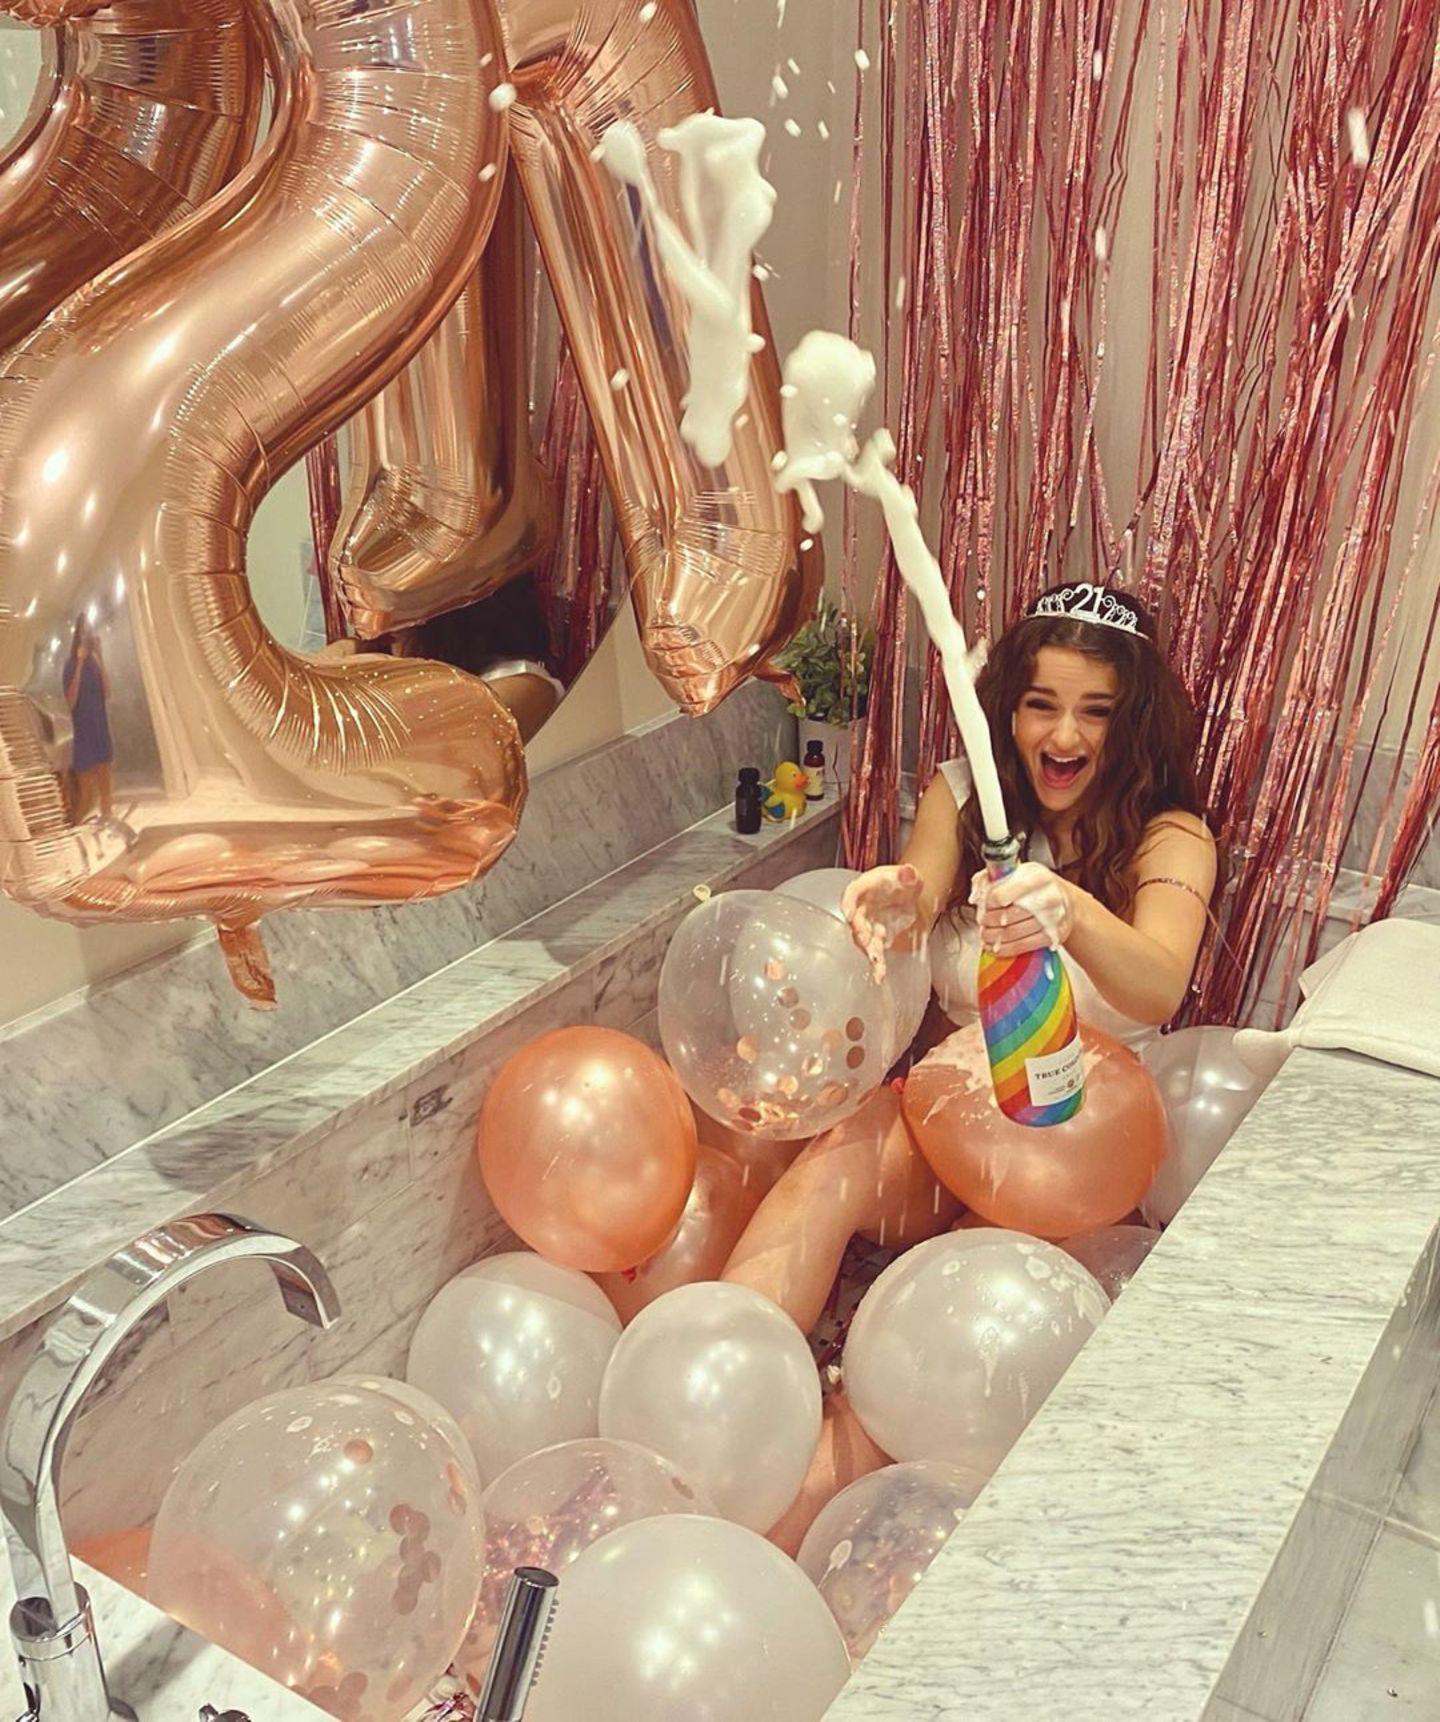 30. Juli 2020  Feuchtfröhlich feiert Schauspielerin Joey King ihren 21. Geburtstag und lässt die Korken knallen! Nun darf sie sich auch ganz offiziell ein Gläschen Champagner genehmigen- denn Alkohol ist in den USA erst ab 21 Jahren erlaubt.